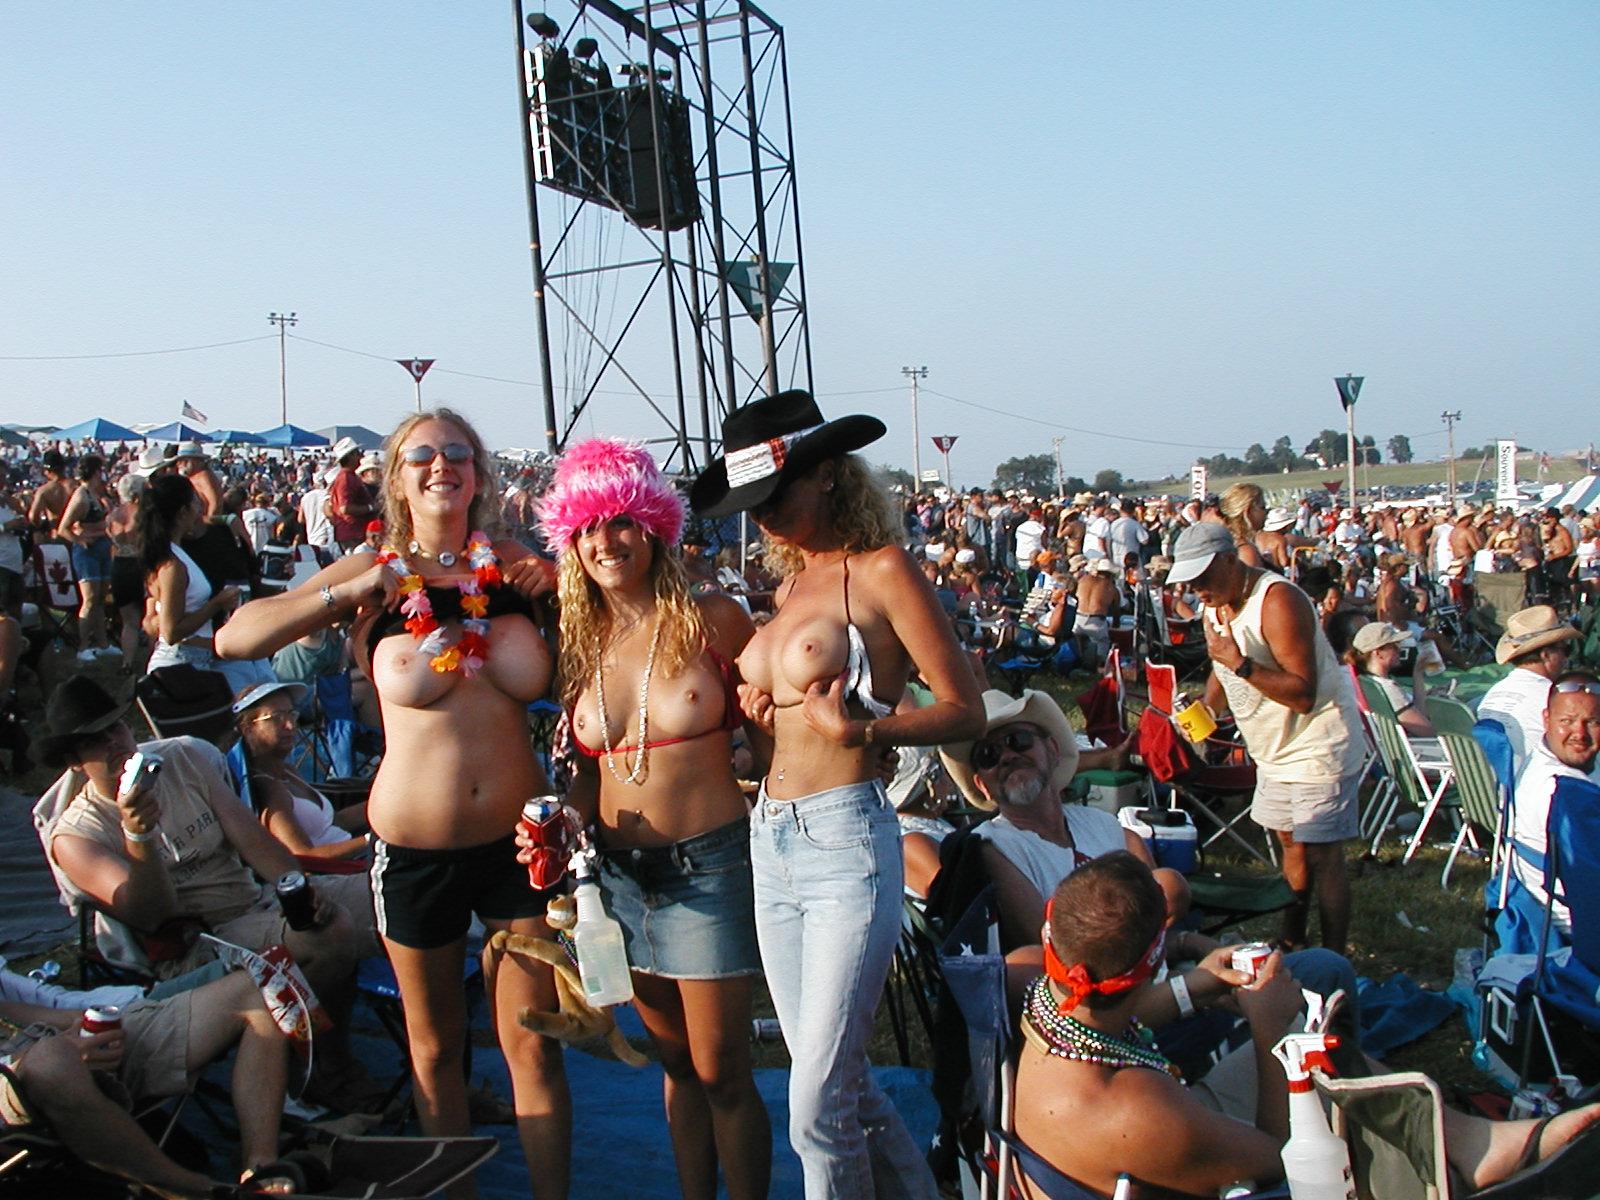 Дамочки за 30 выложили свои голые сиськи и стройные тела в сеть 4 фото